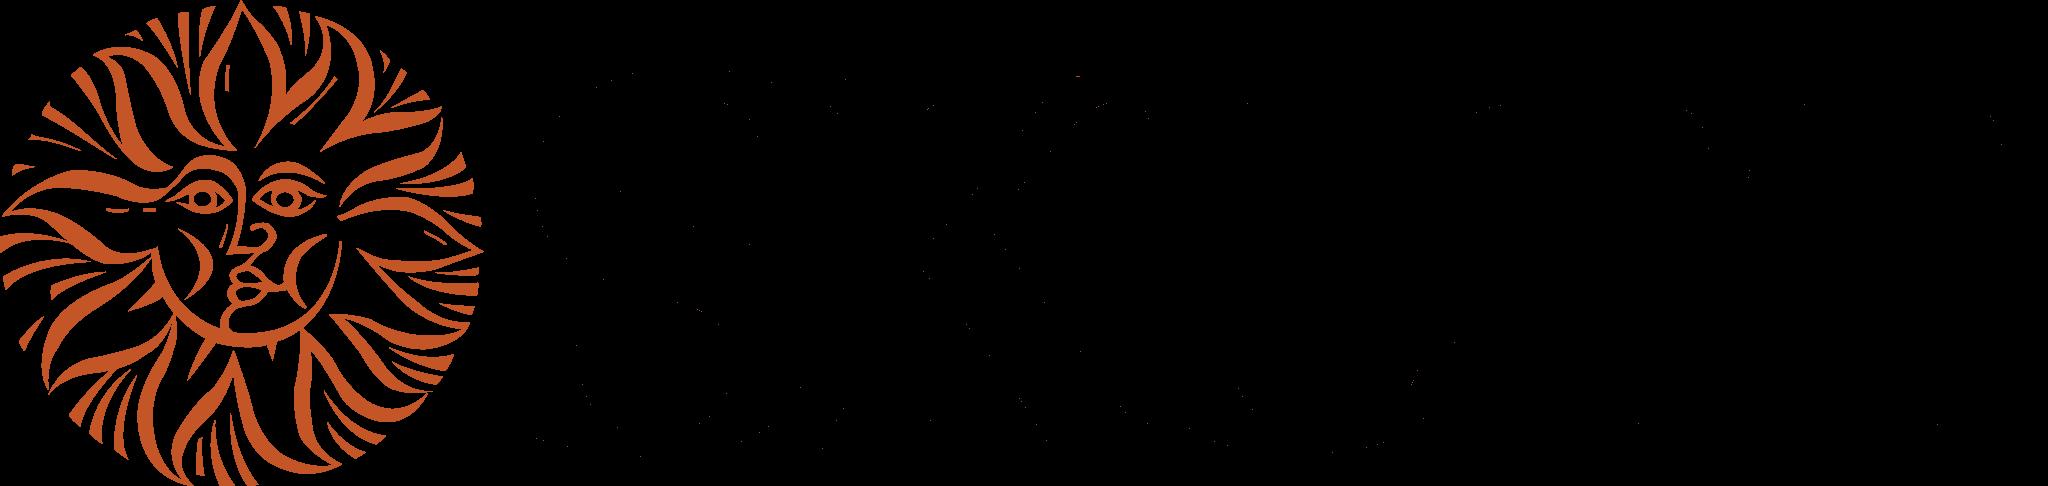 skutt-logo.png